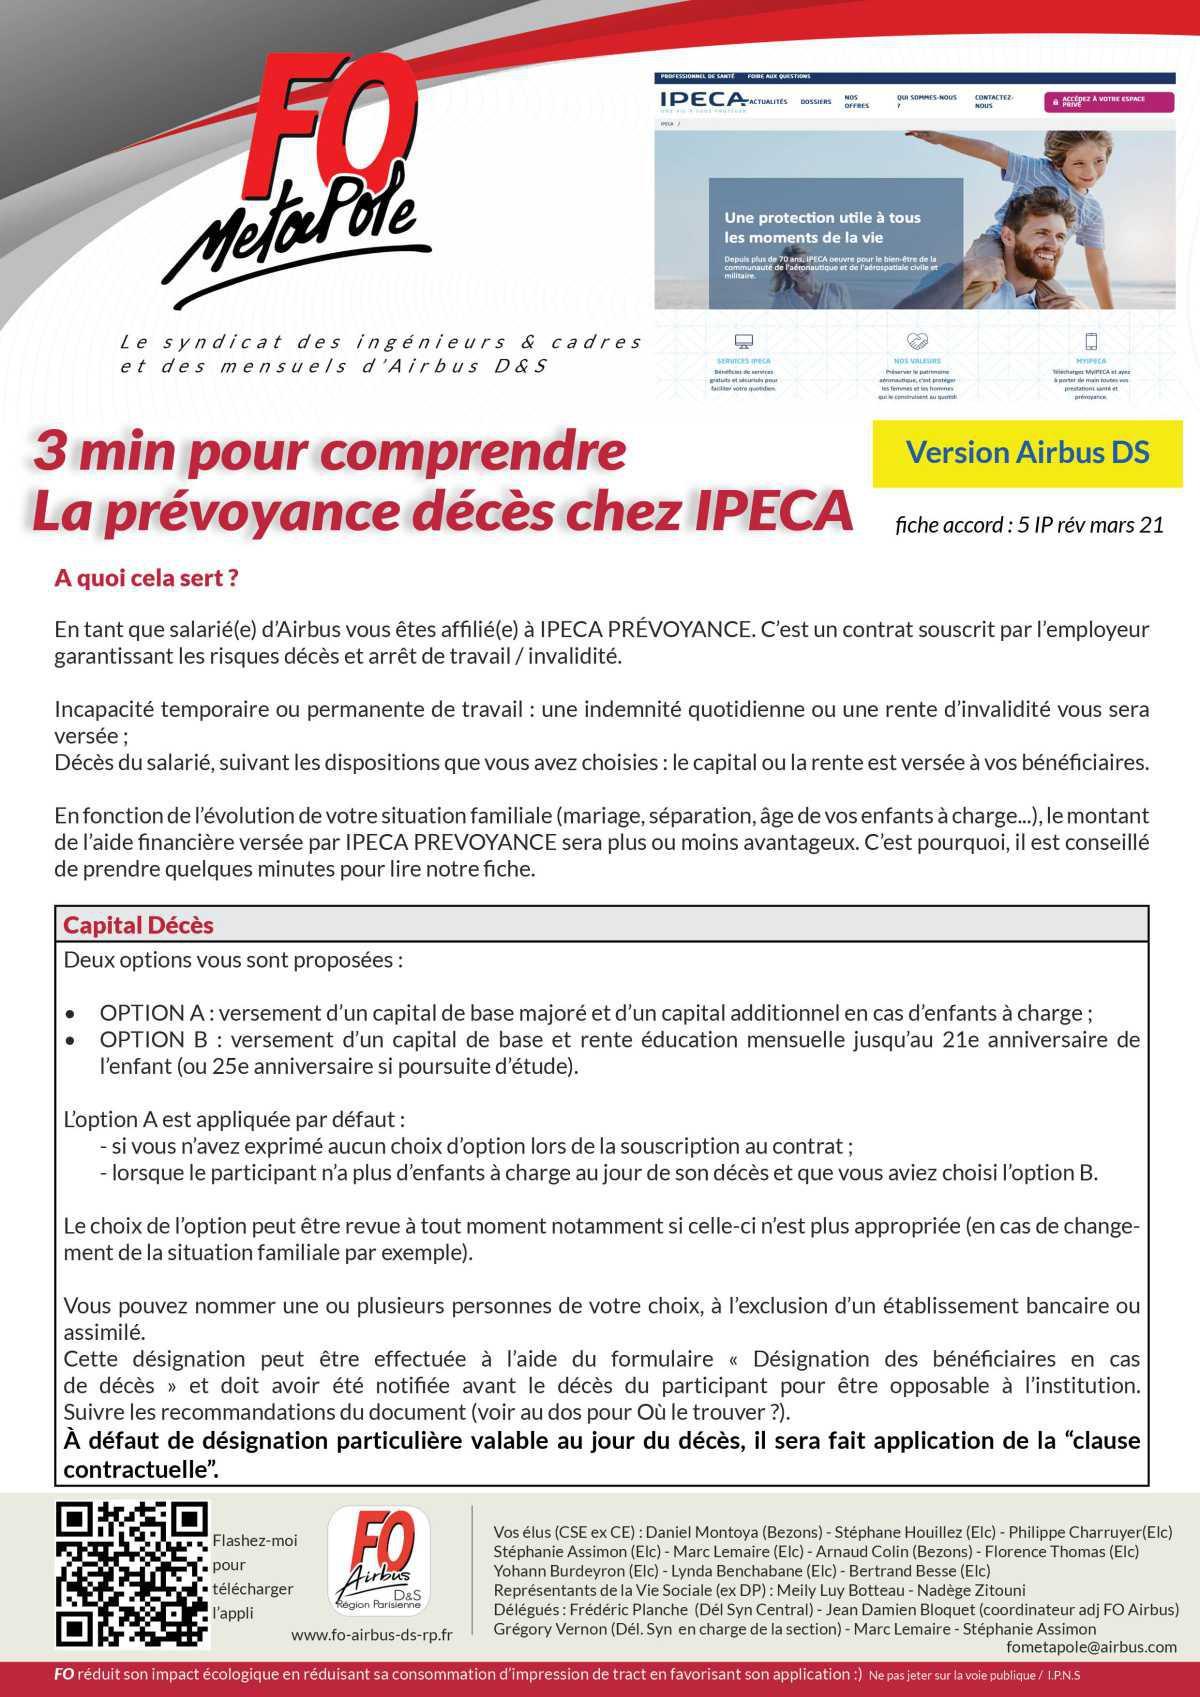 3min pour comprendre : la prévoyance décès IPECA